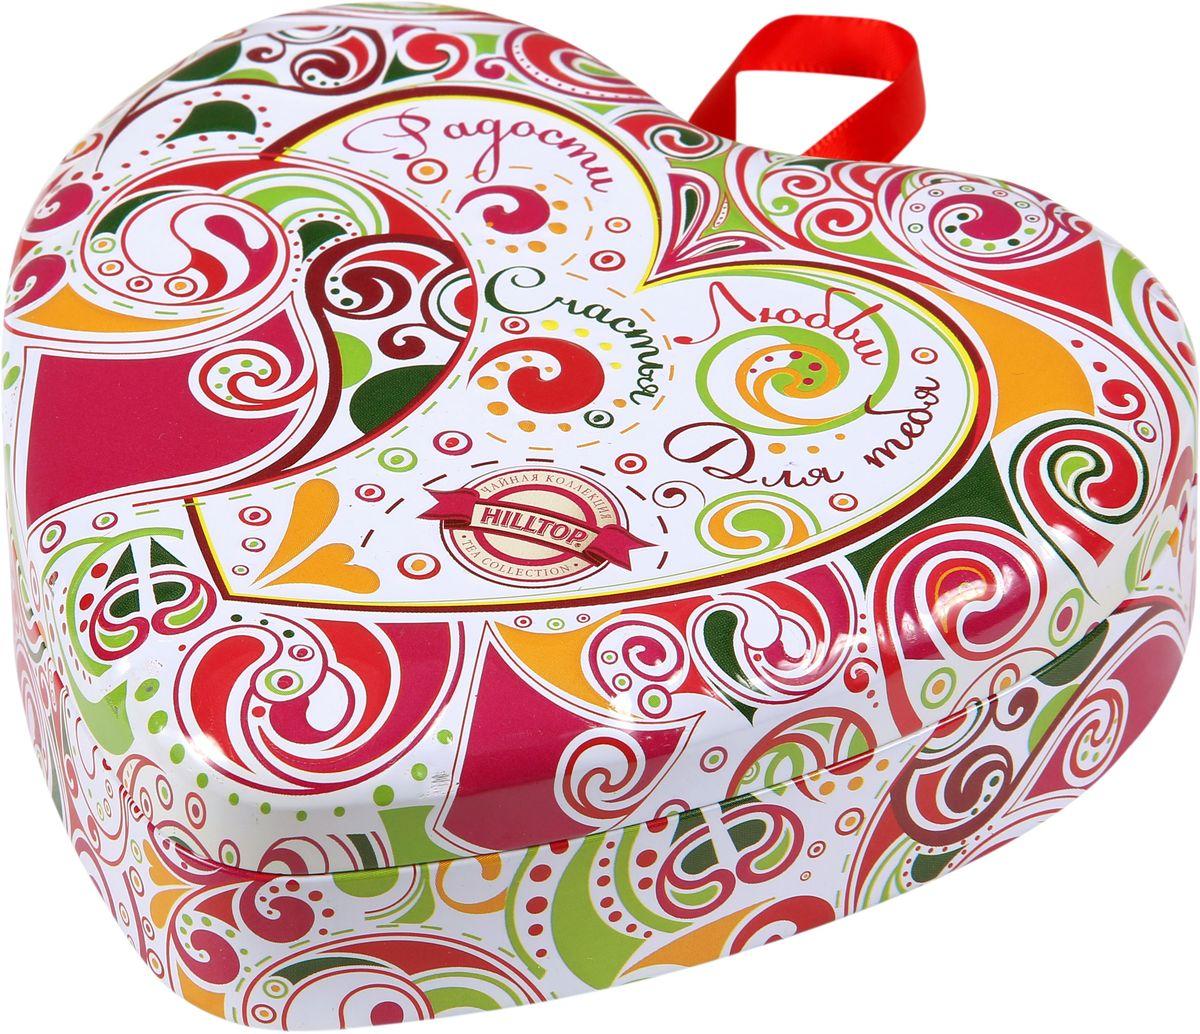 Hilltop Пожелания Цейлонское утро черный листовой чай, 50 г hilltop люблю листовой чай молочный оолонг 50 г